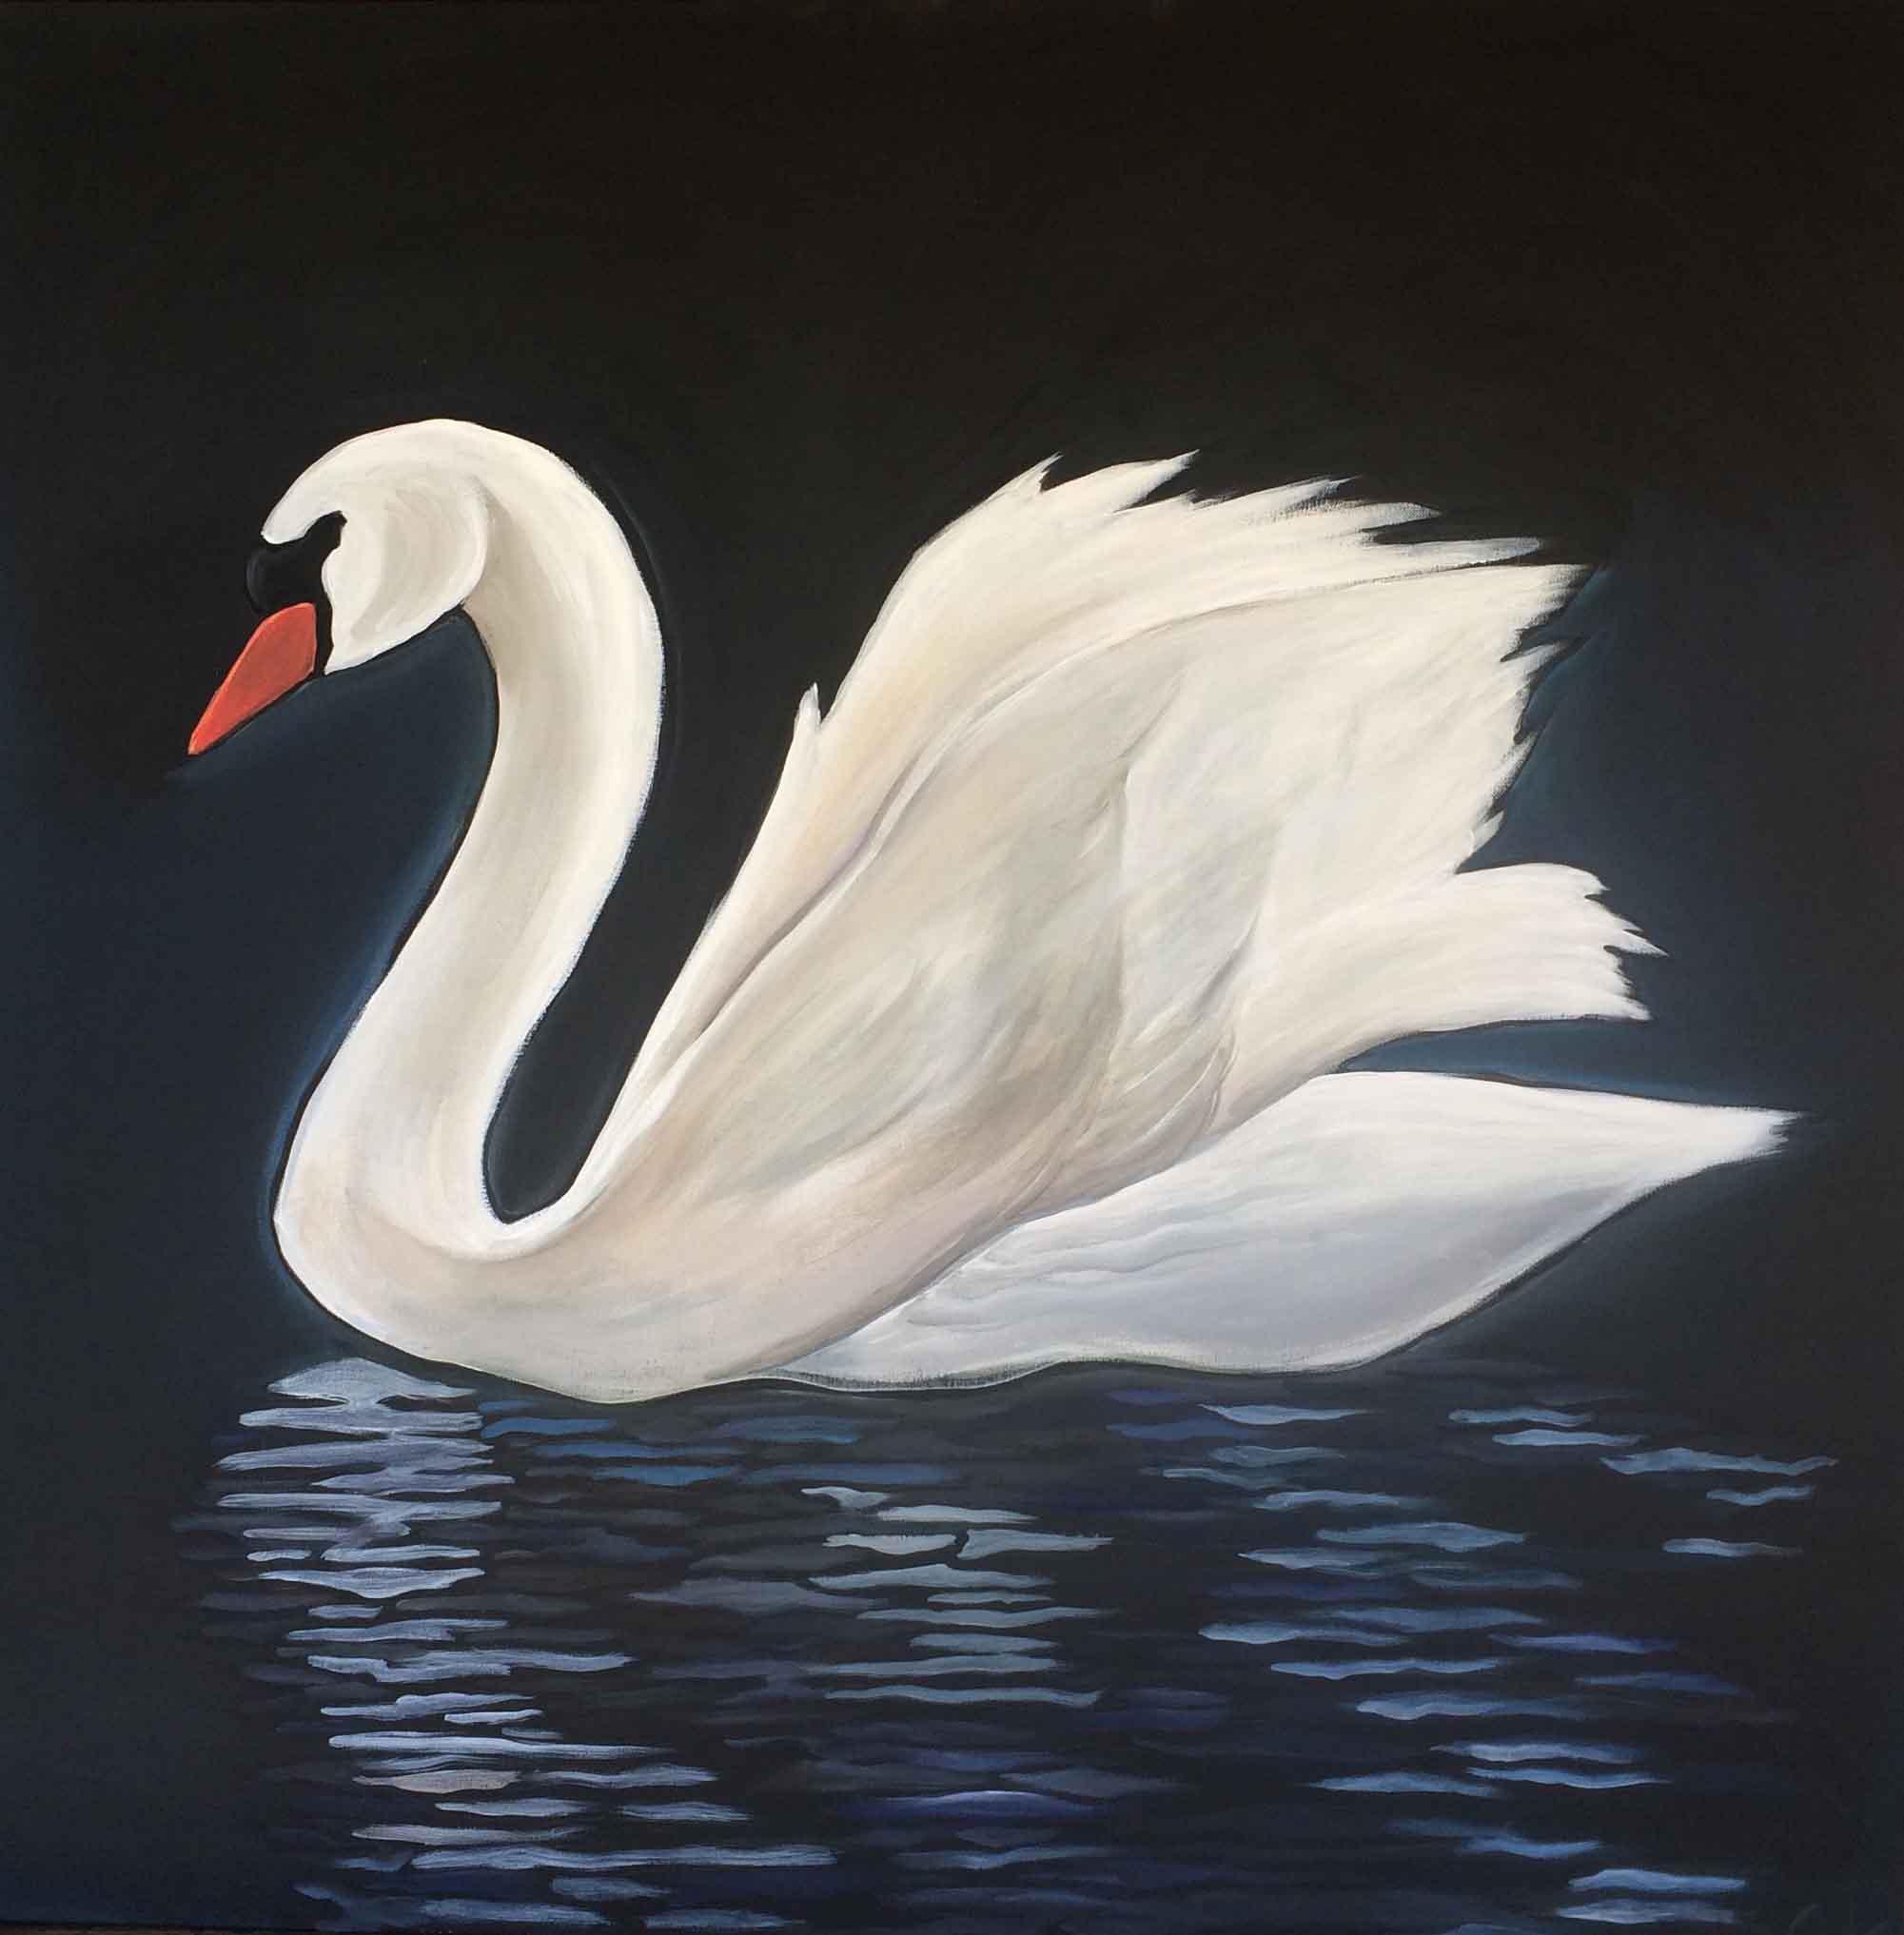 Swan 36x36